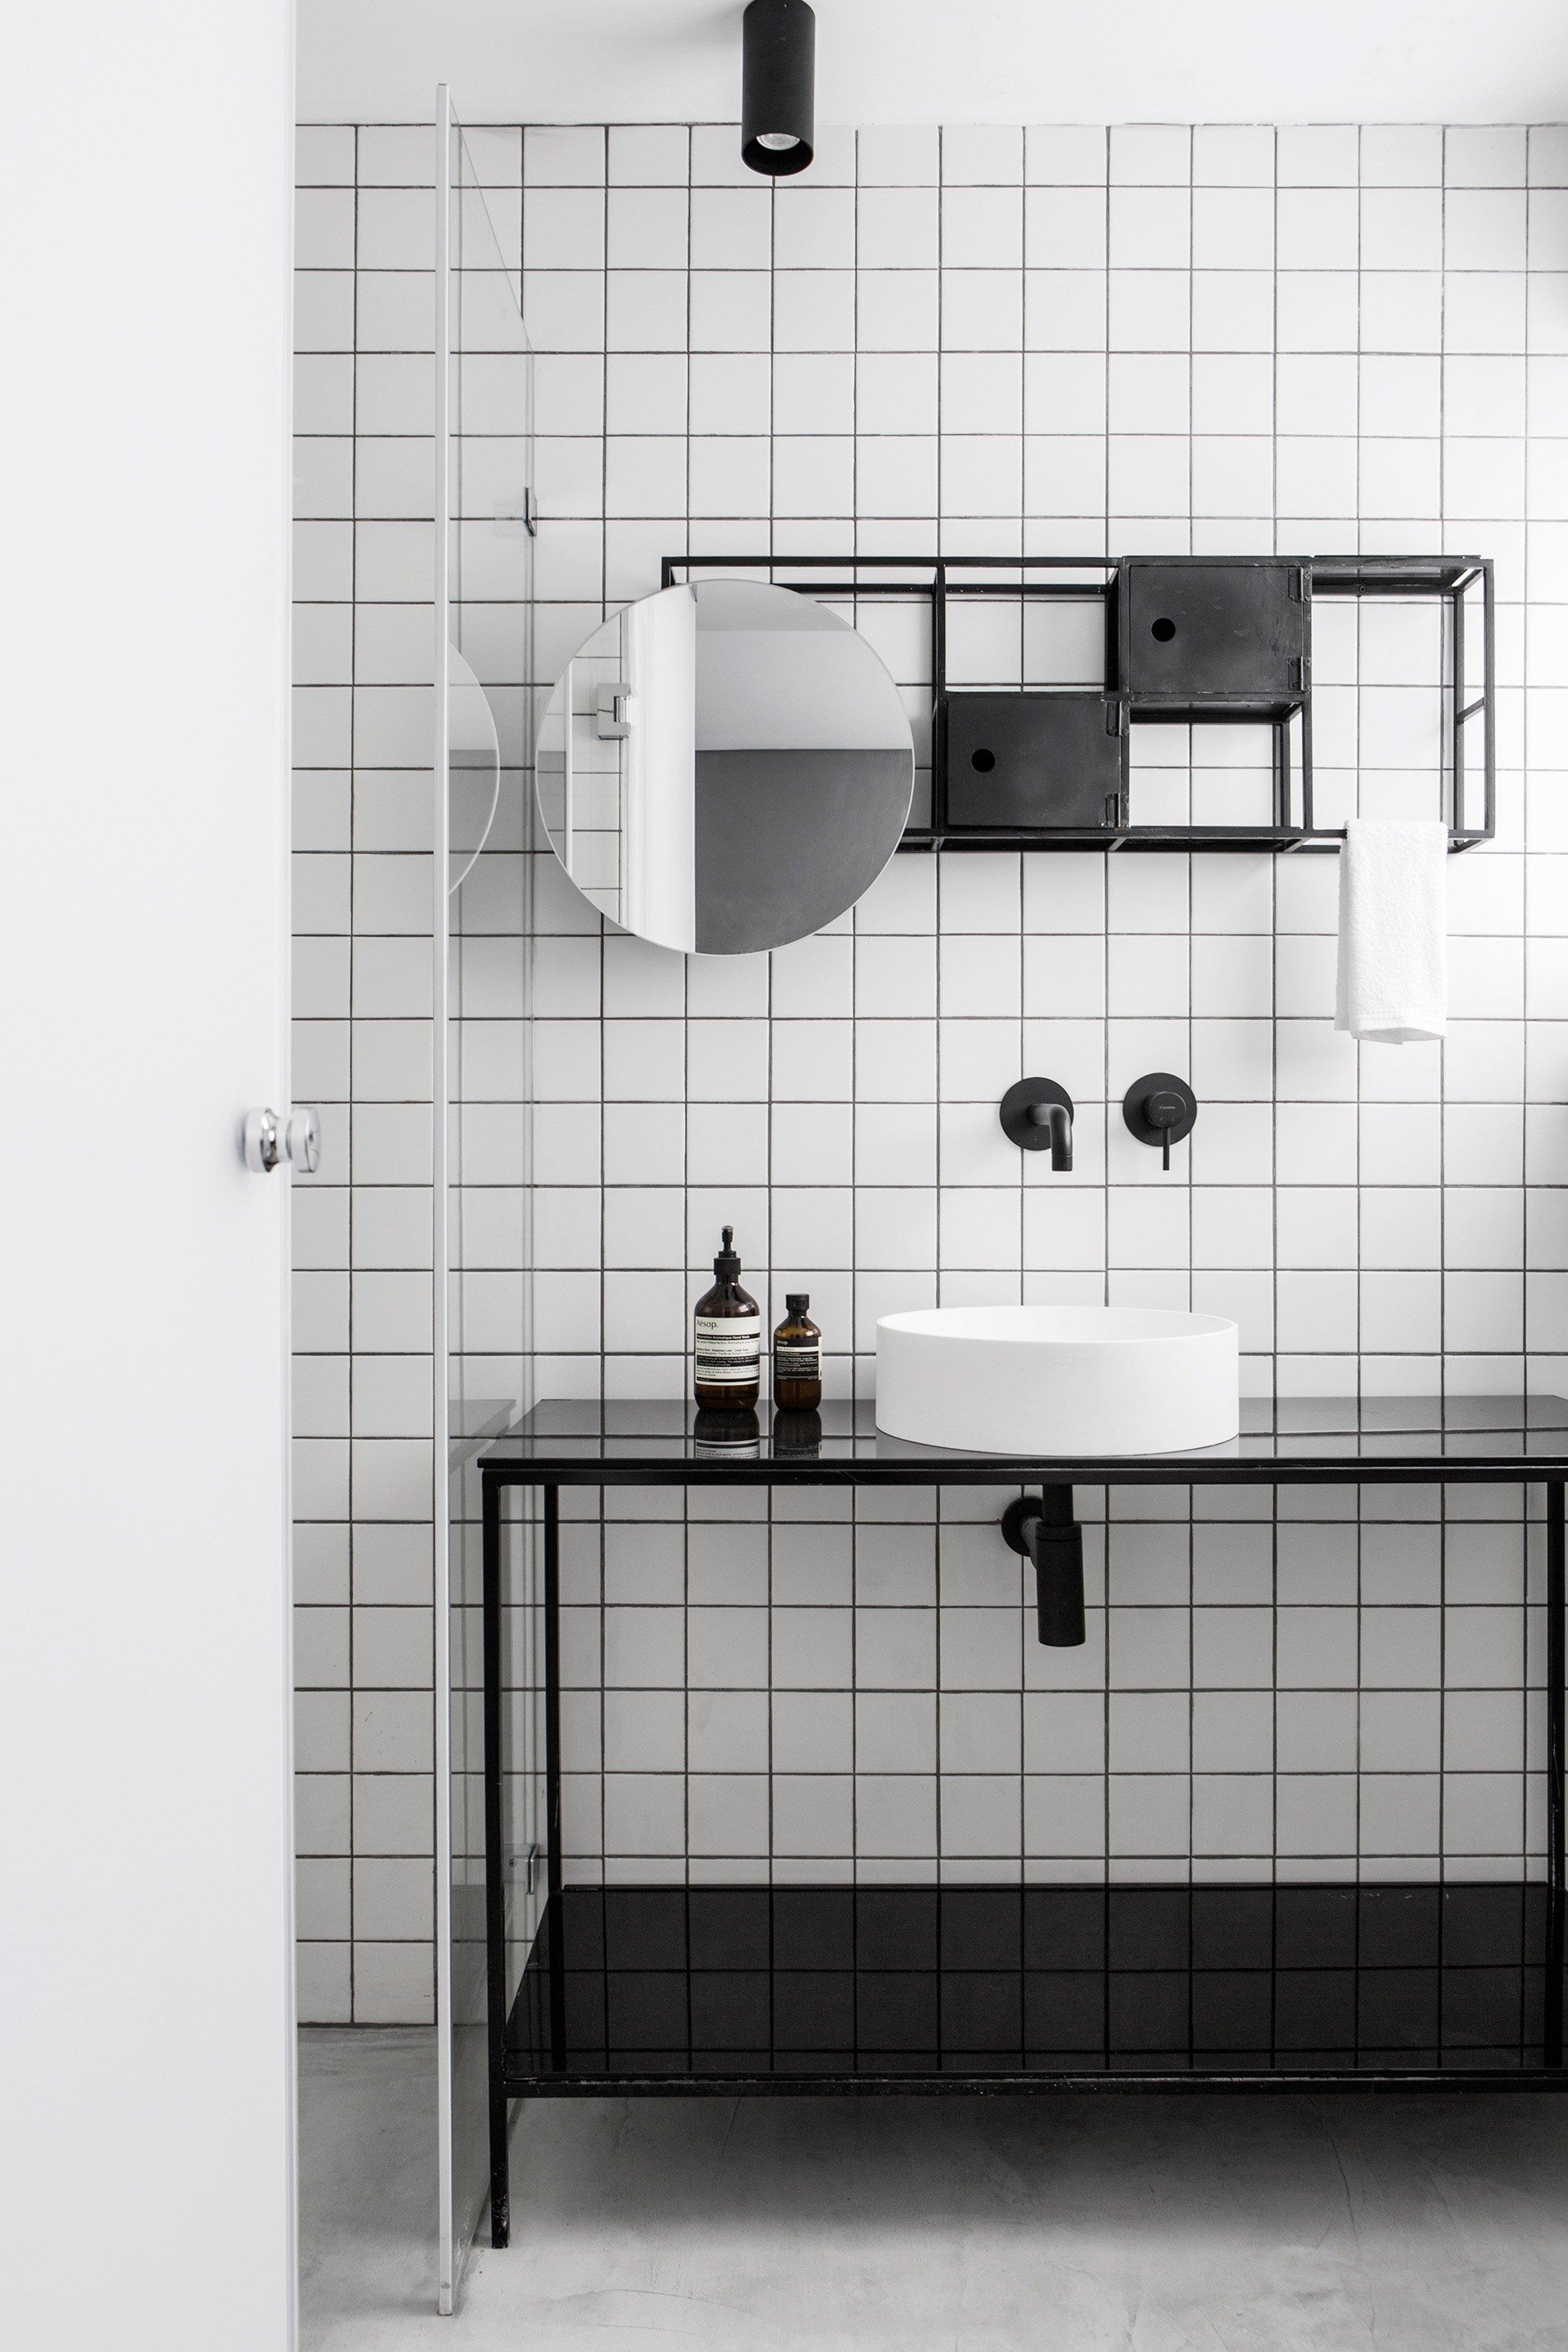 architecture_apartment_minimal_tel-aviv_design_studia_interiors_osnovadesign_osnova_poltava_11